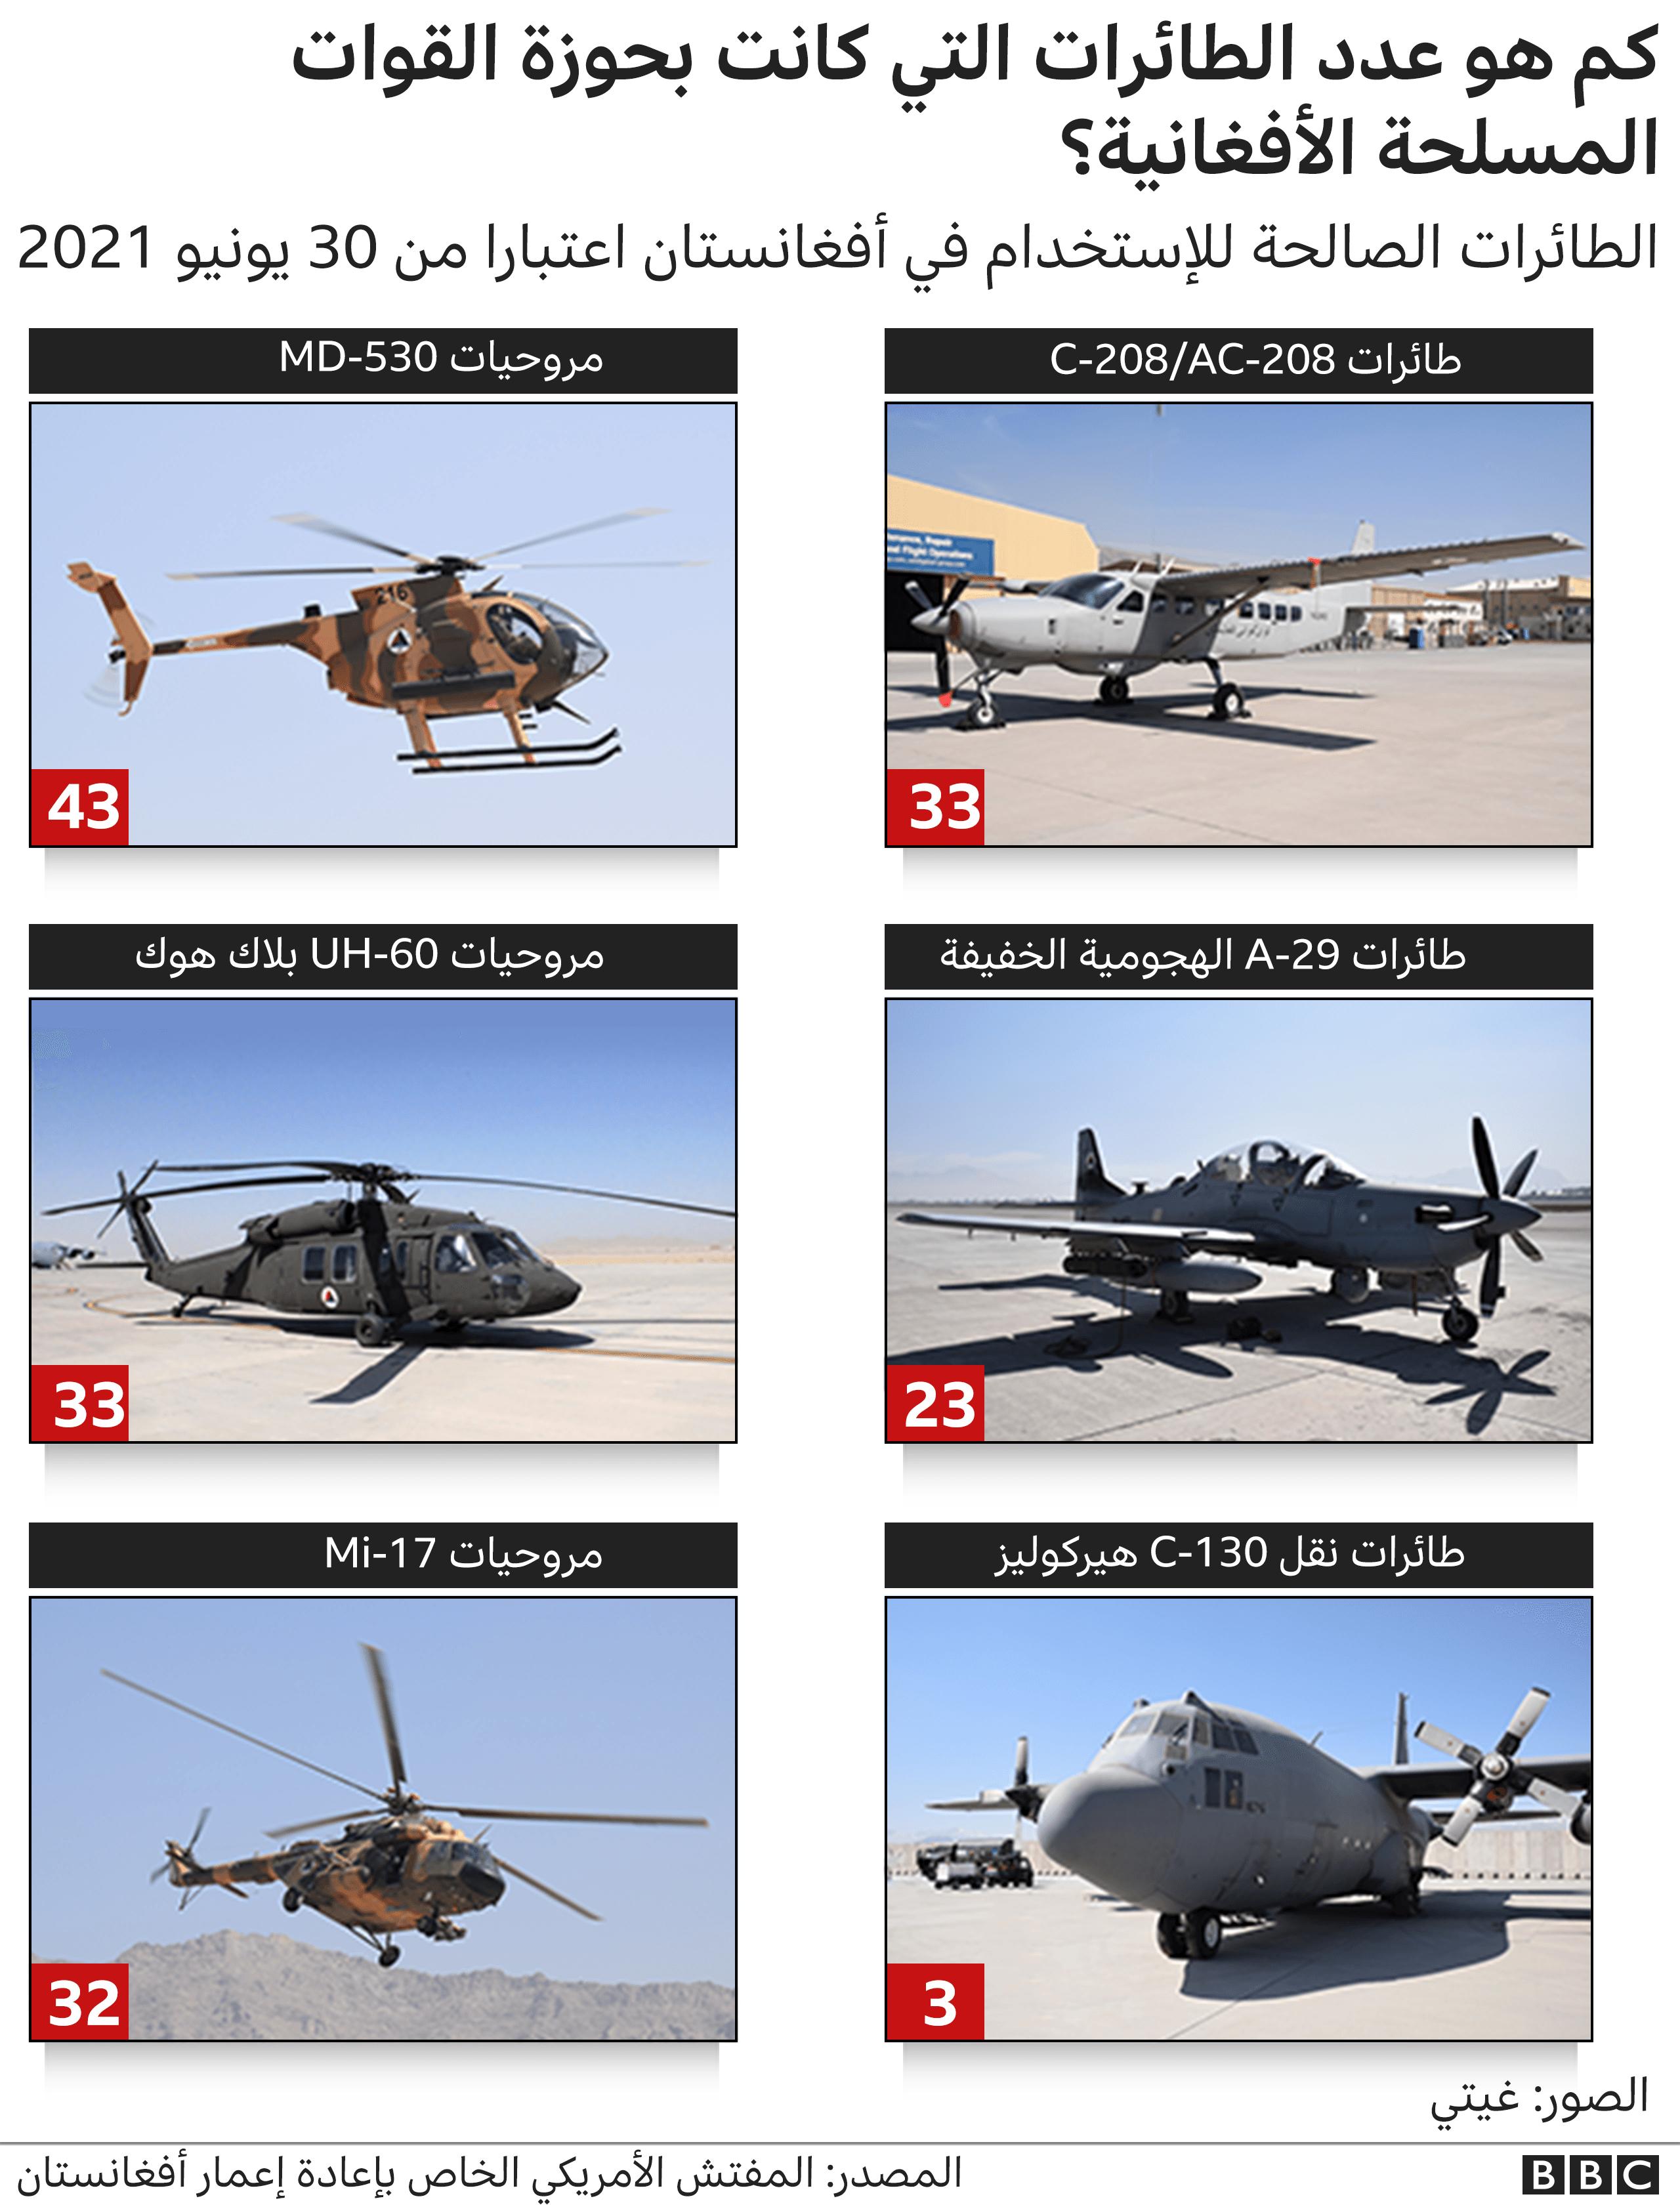 رسم غرافيك يوضح عدد الطائرات التي كانت بحوزة القوات المسلحة الأفغانية